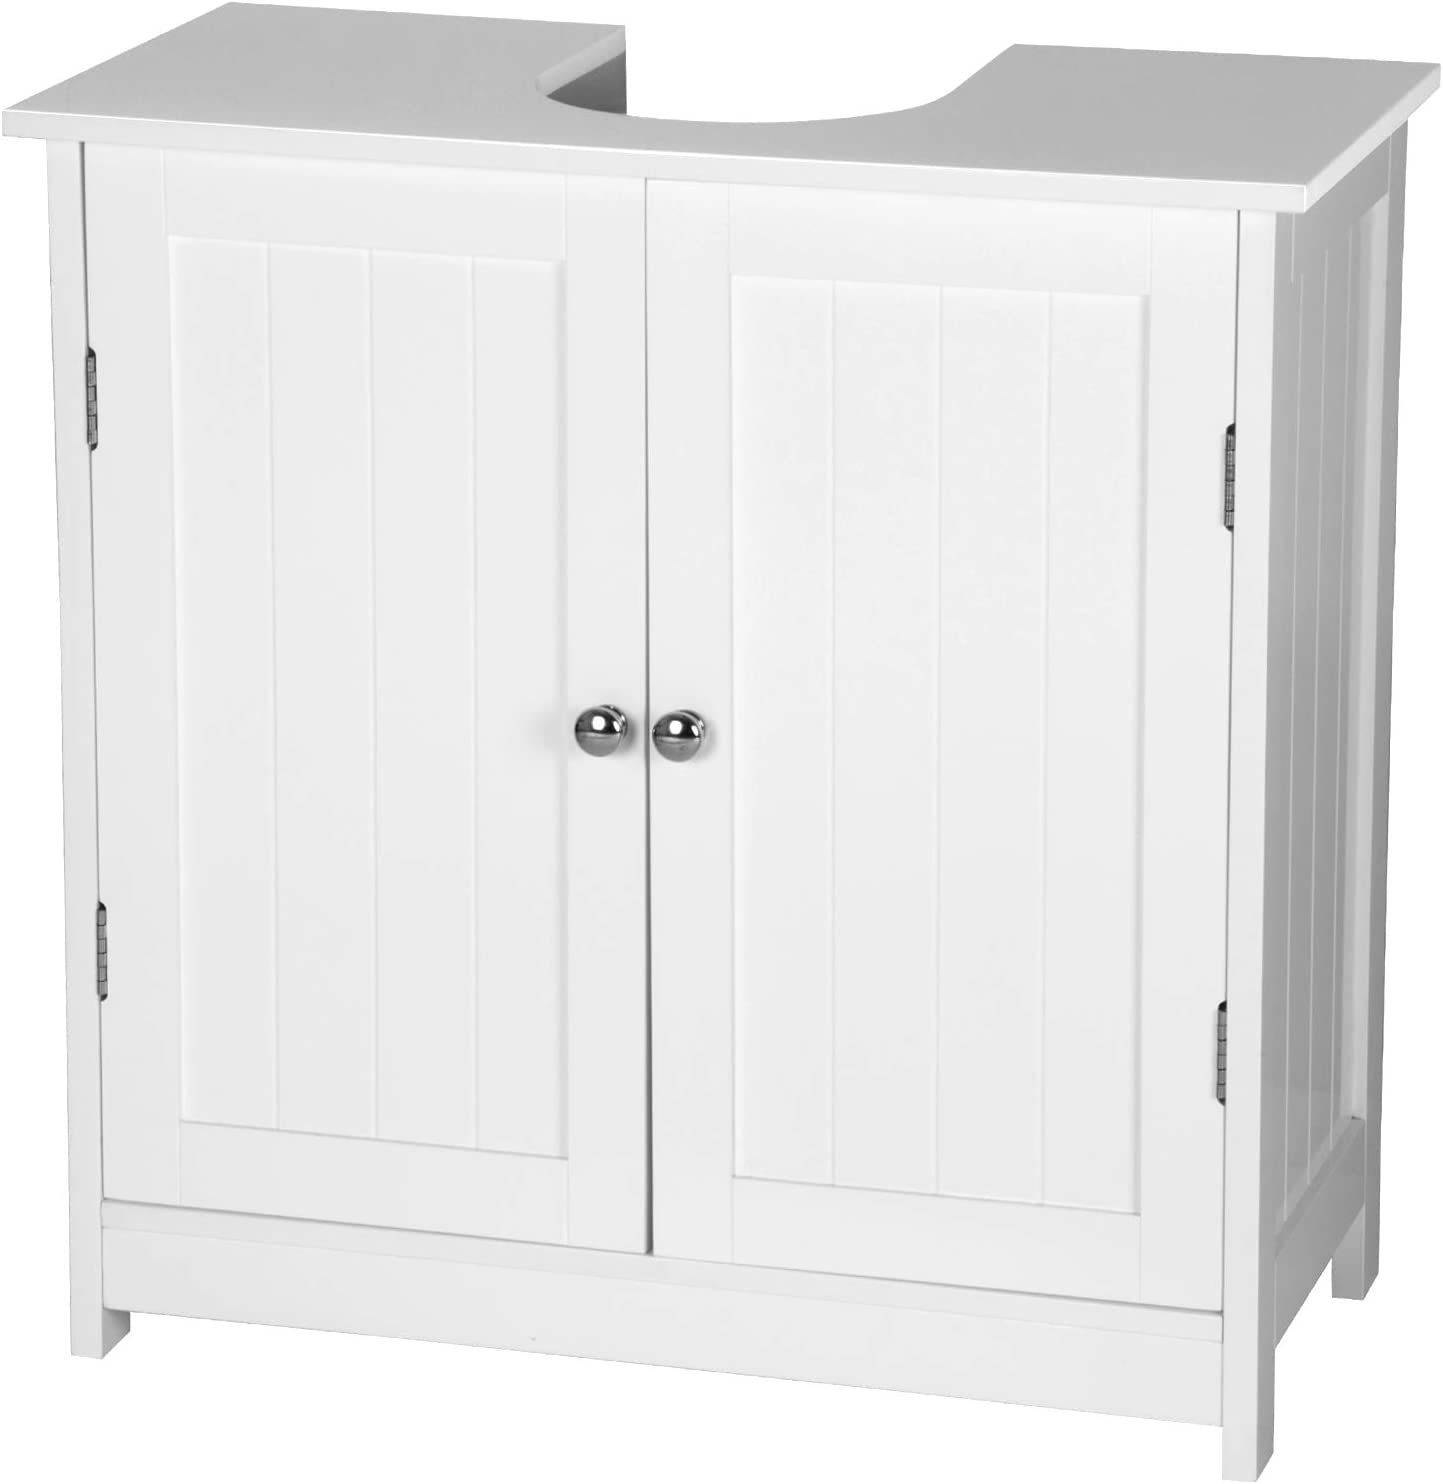 eSituro Mueble Bajo Lavabo Armario de Suelo para Baño Mueble de Baño Organizador 2 Puertas, MDF Blanco 60 x 30 x 60 cm SBP0014